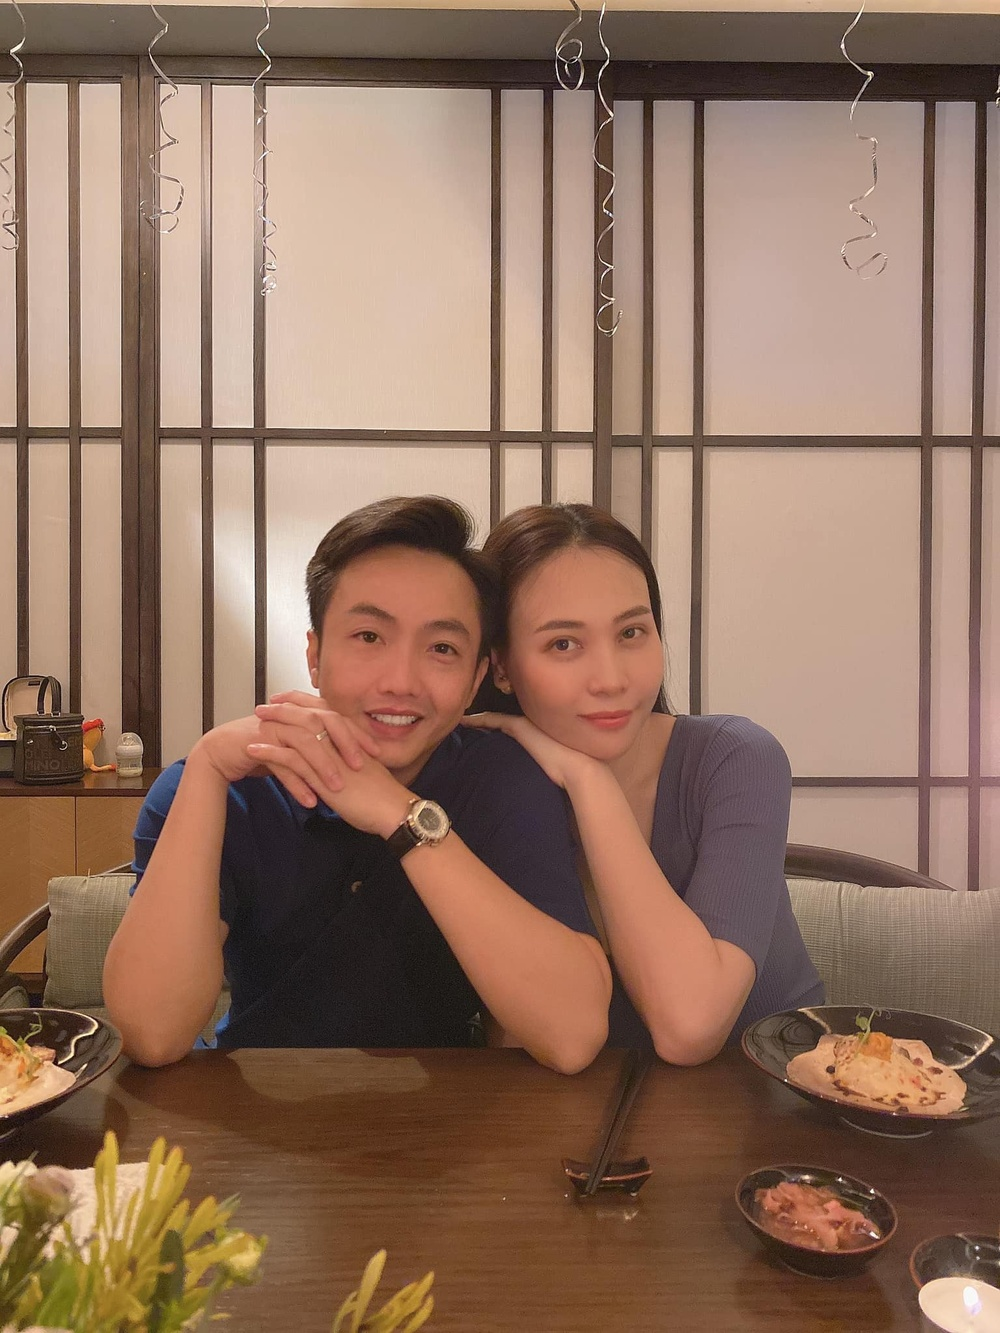 Bố con Cường Đô La mừng sinh nhật Đàm Thu Trang, món quà của Subeo chứng minh tình cảm mẹ con cực tốt Ảnh 1